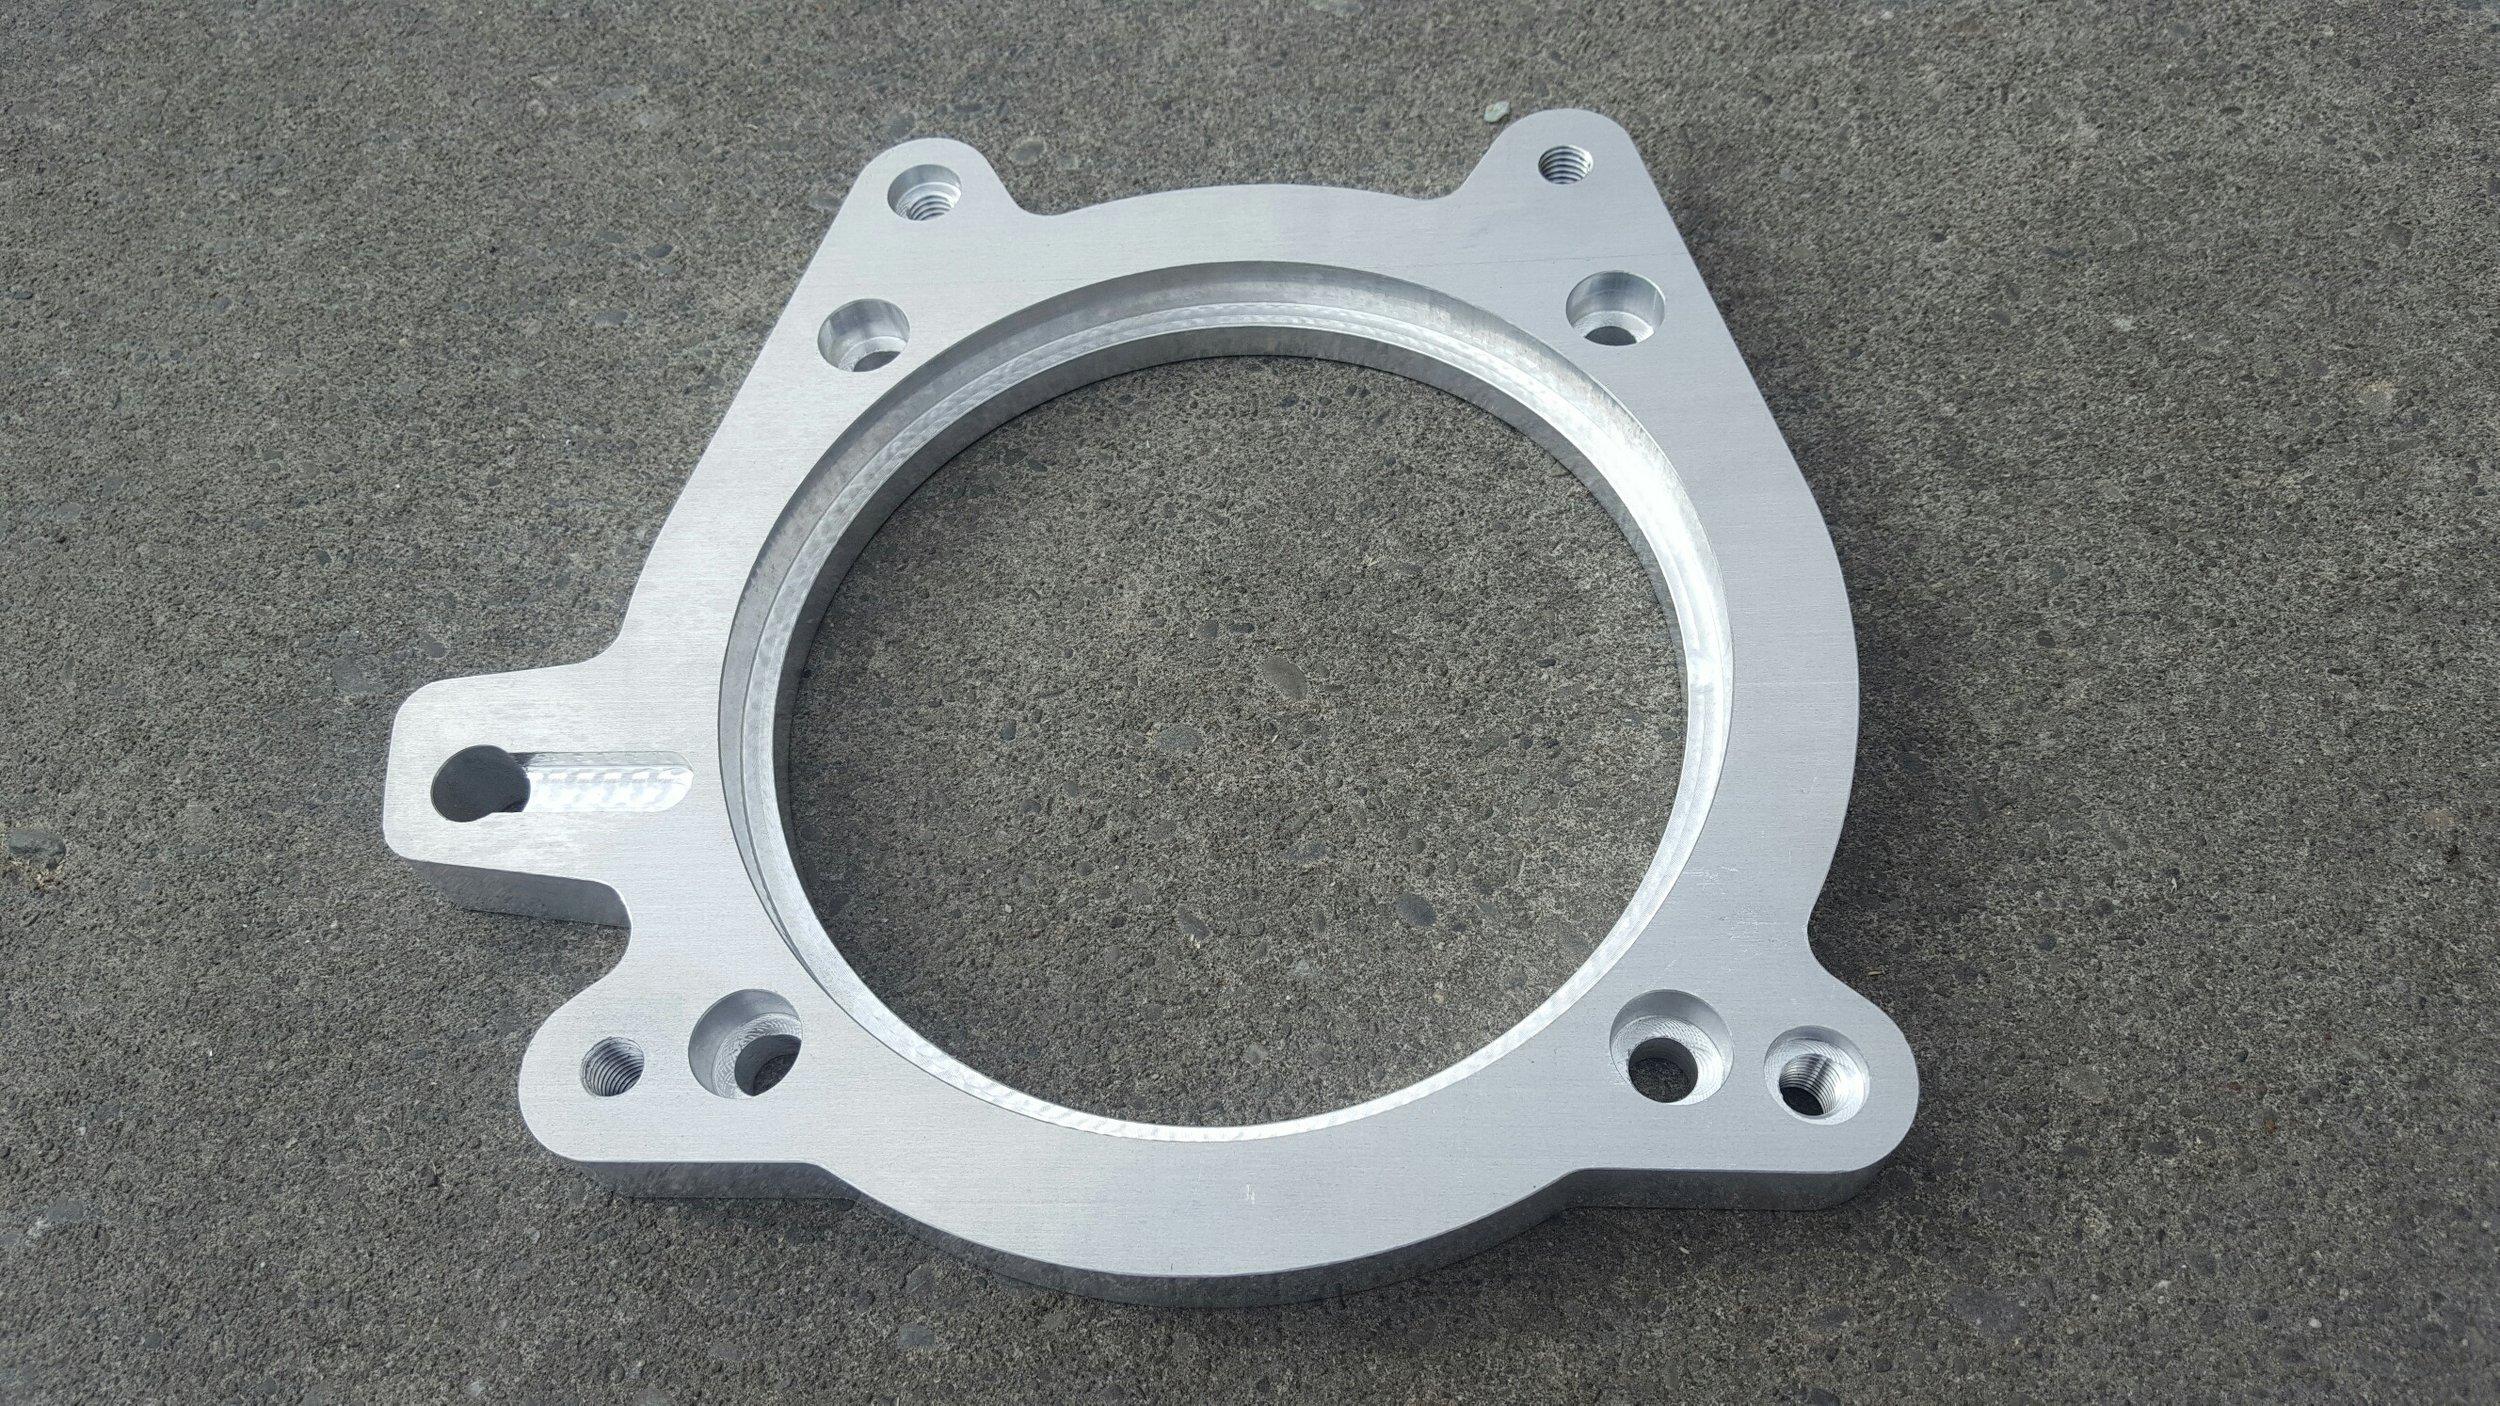 ASP jetski pump adaptors